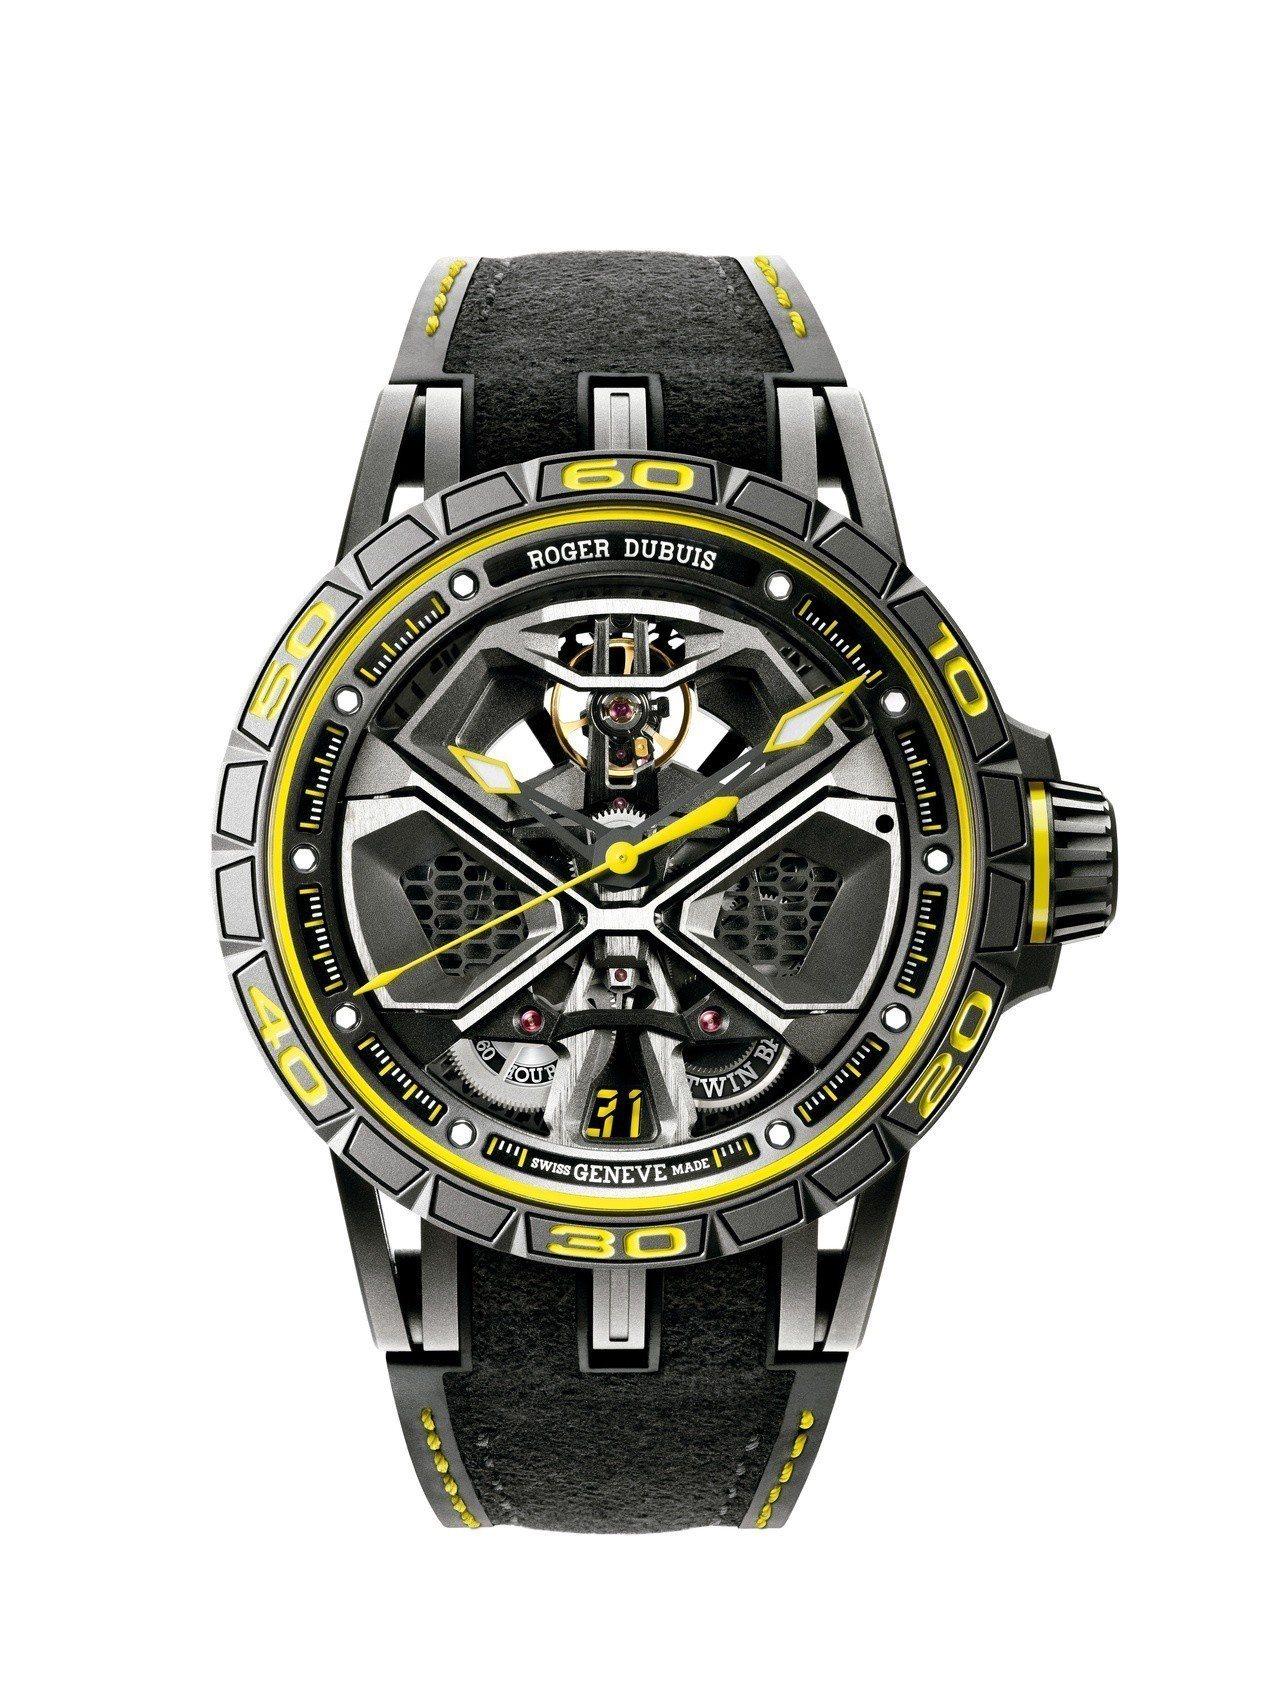 羅杰杜彼Excalibur Huracàn Performante腕表,鈦金屬...